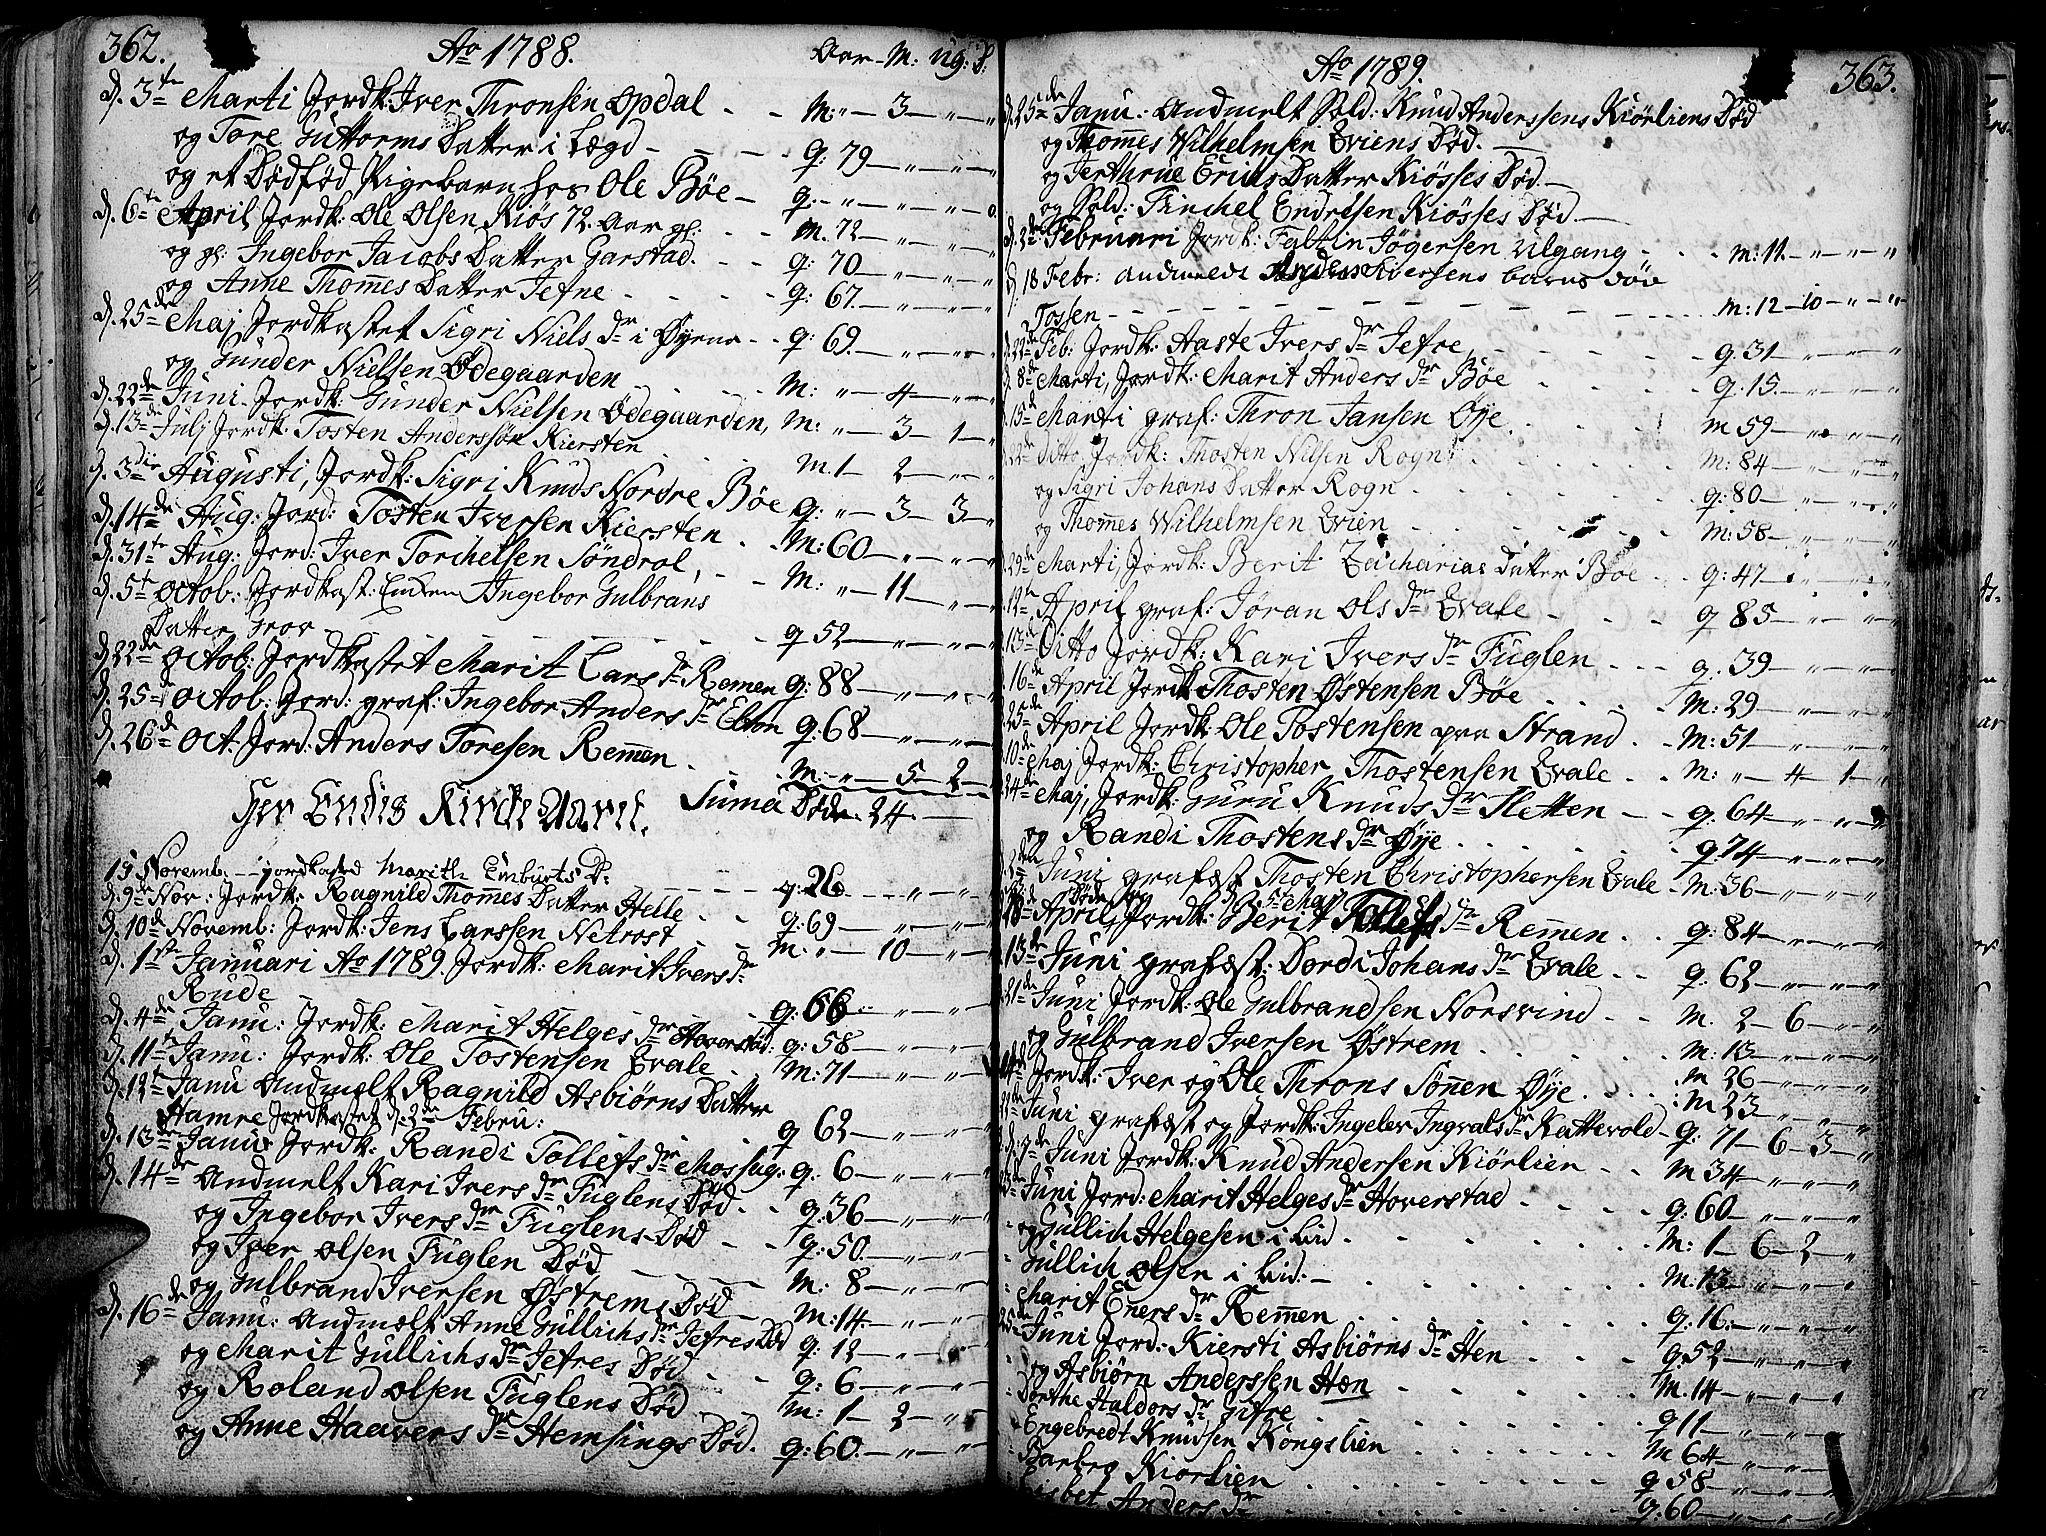 SAH, Vang prestekontor, Valdres, Ministerialbok nr. 1, 1730-1796, s. 362-363